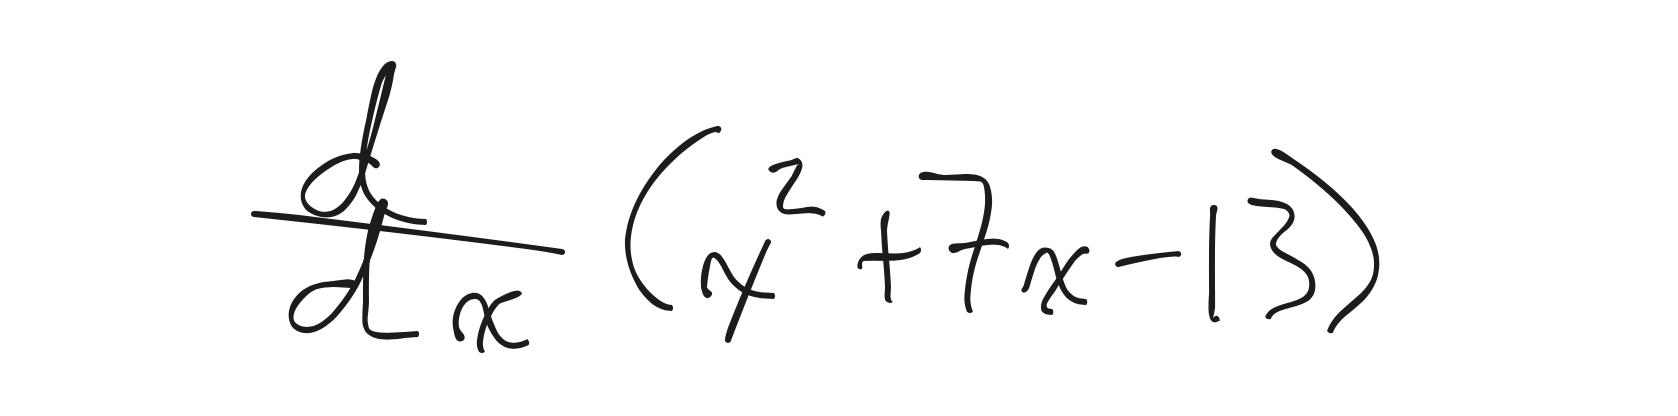 TI Nspire CX CAS